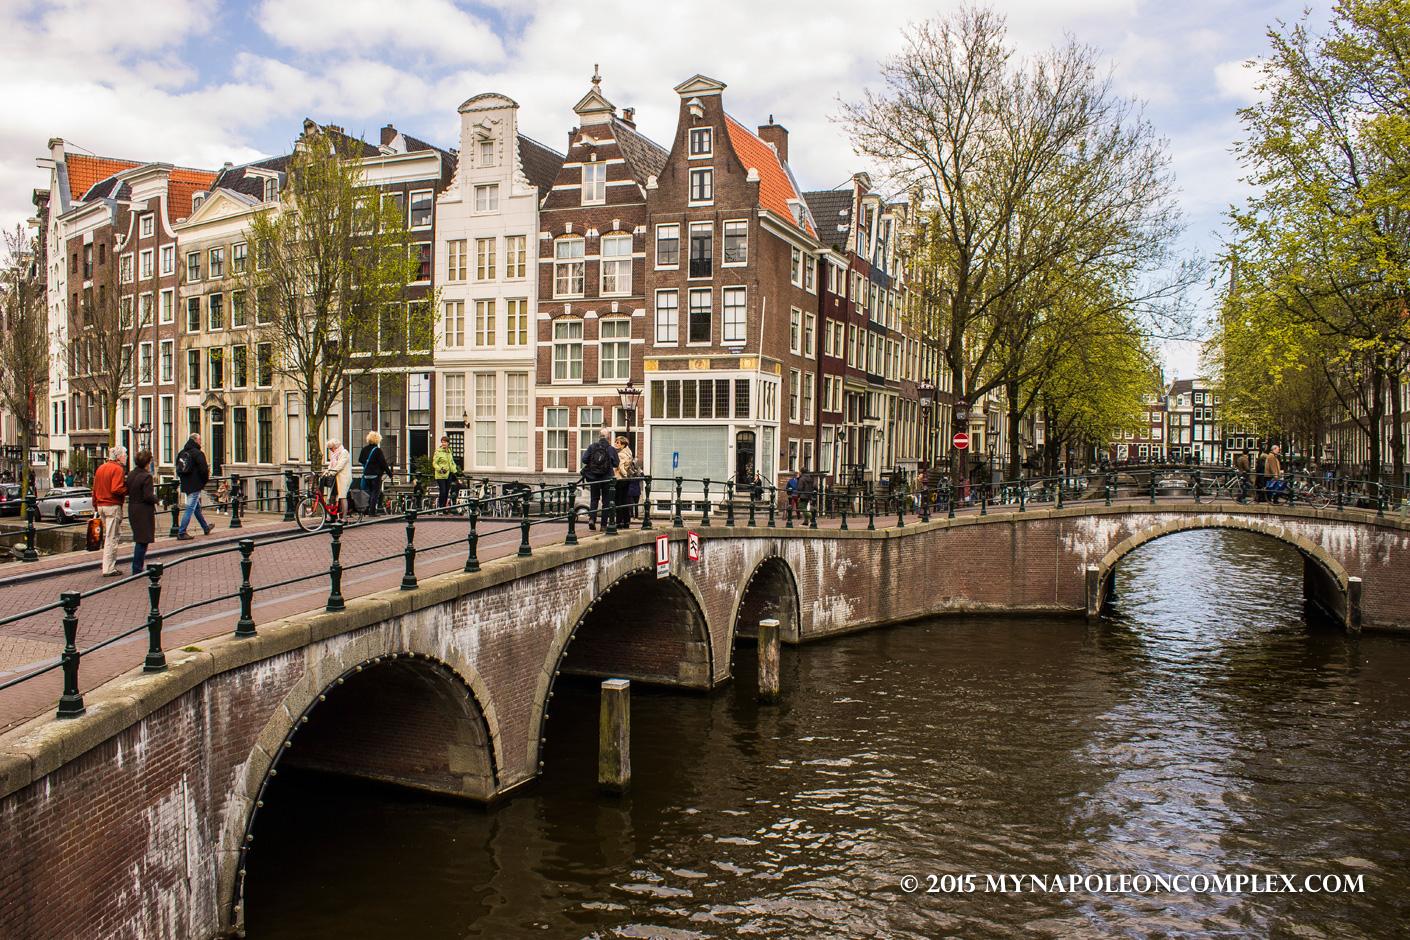 Weekend in Amsterdam!